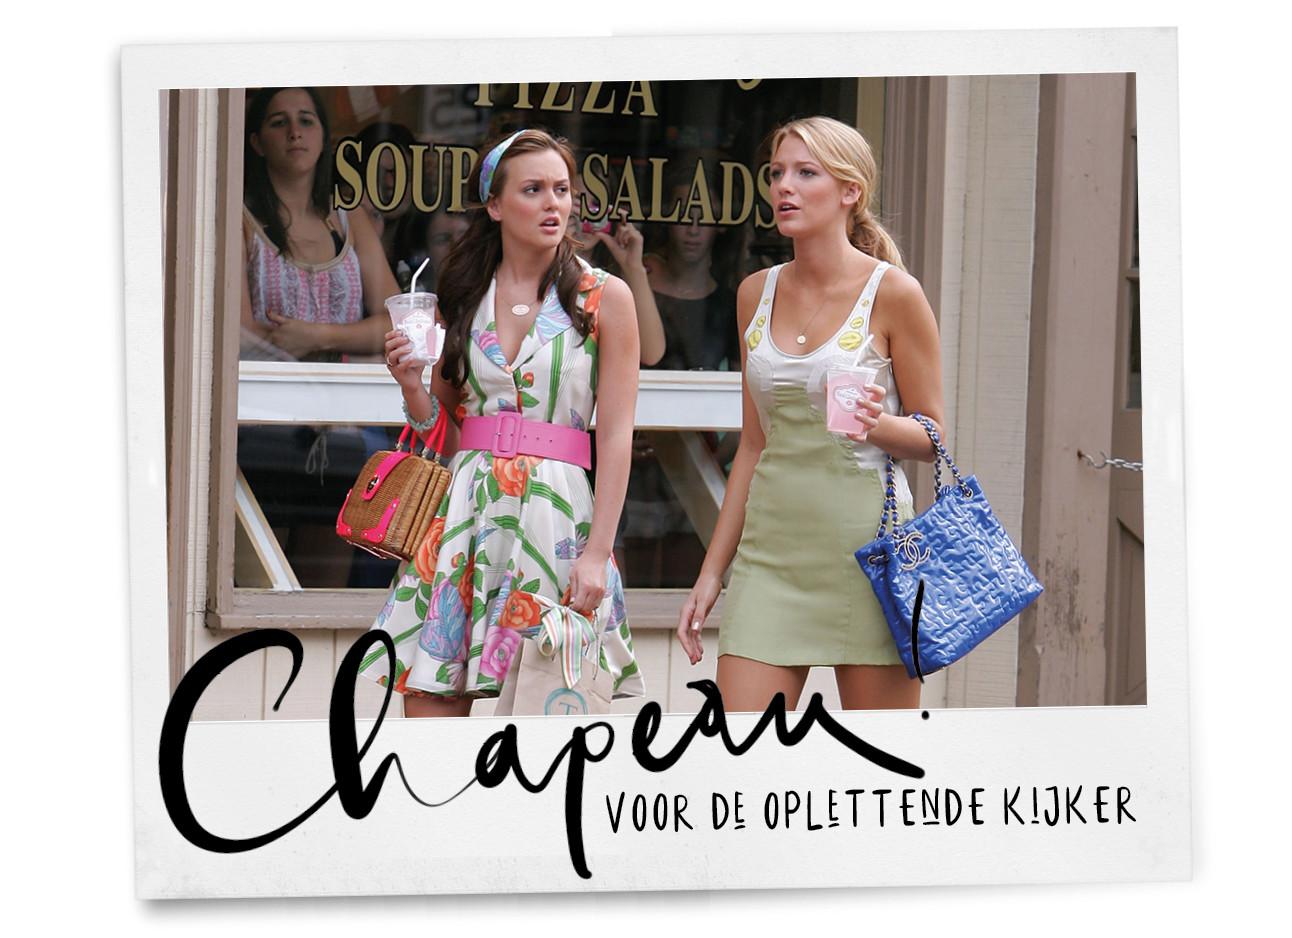 Bloopers Gossip Girl